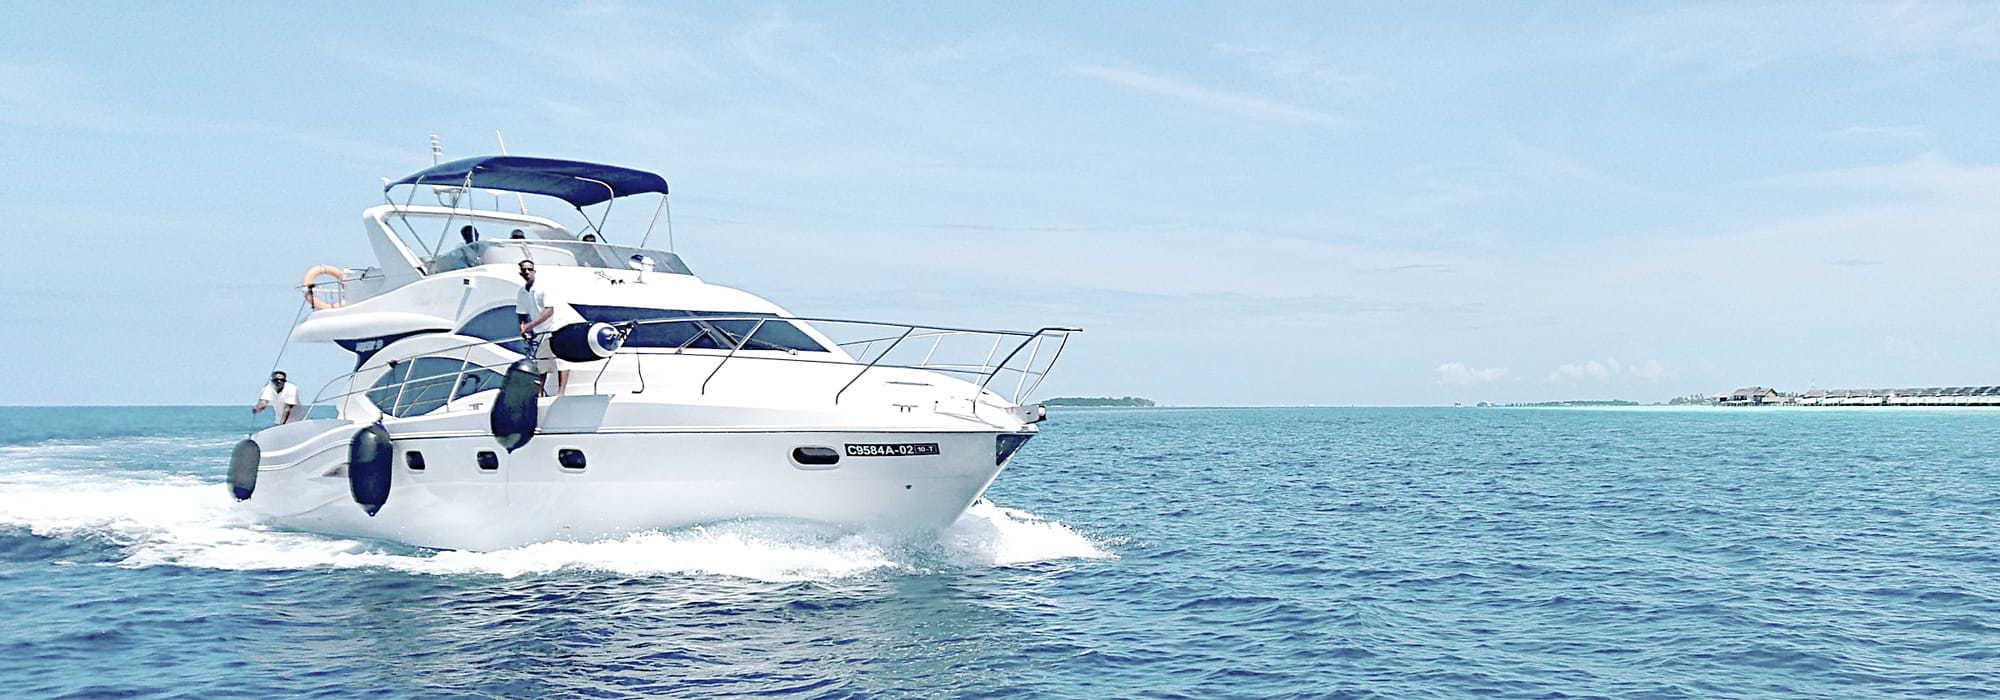 夏日船P海上活動懶人包|Kama Delivery到會餐飲外賣專家